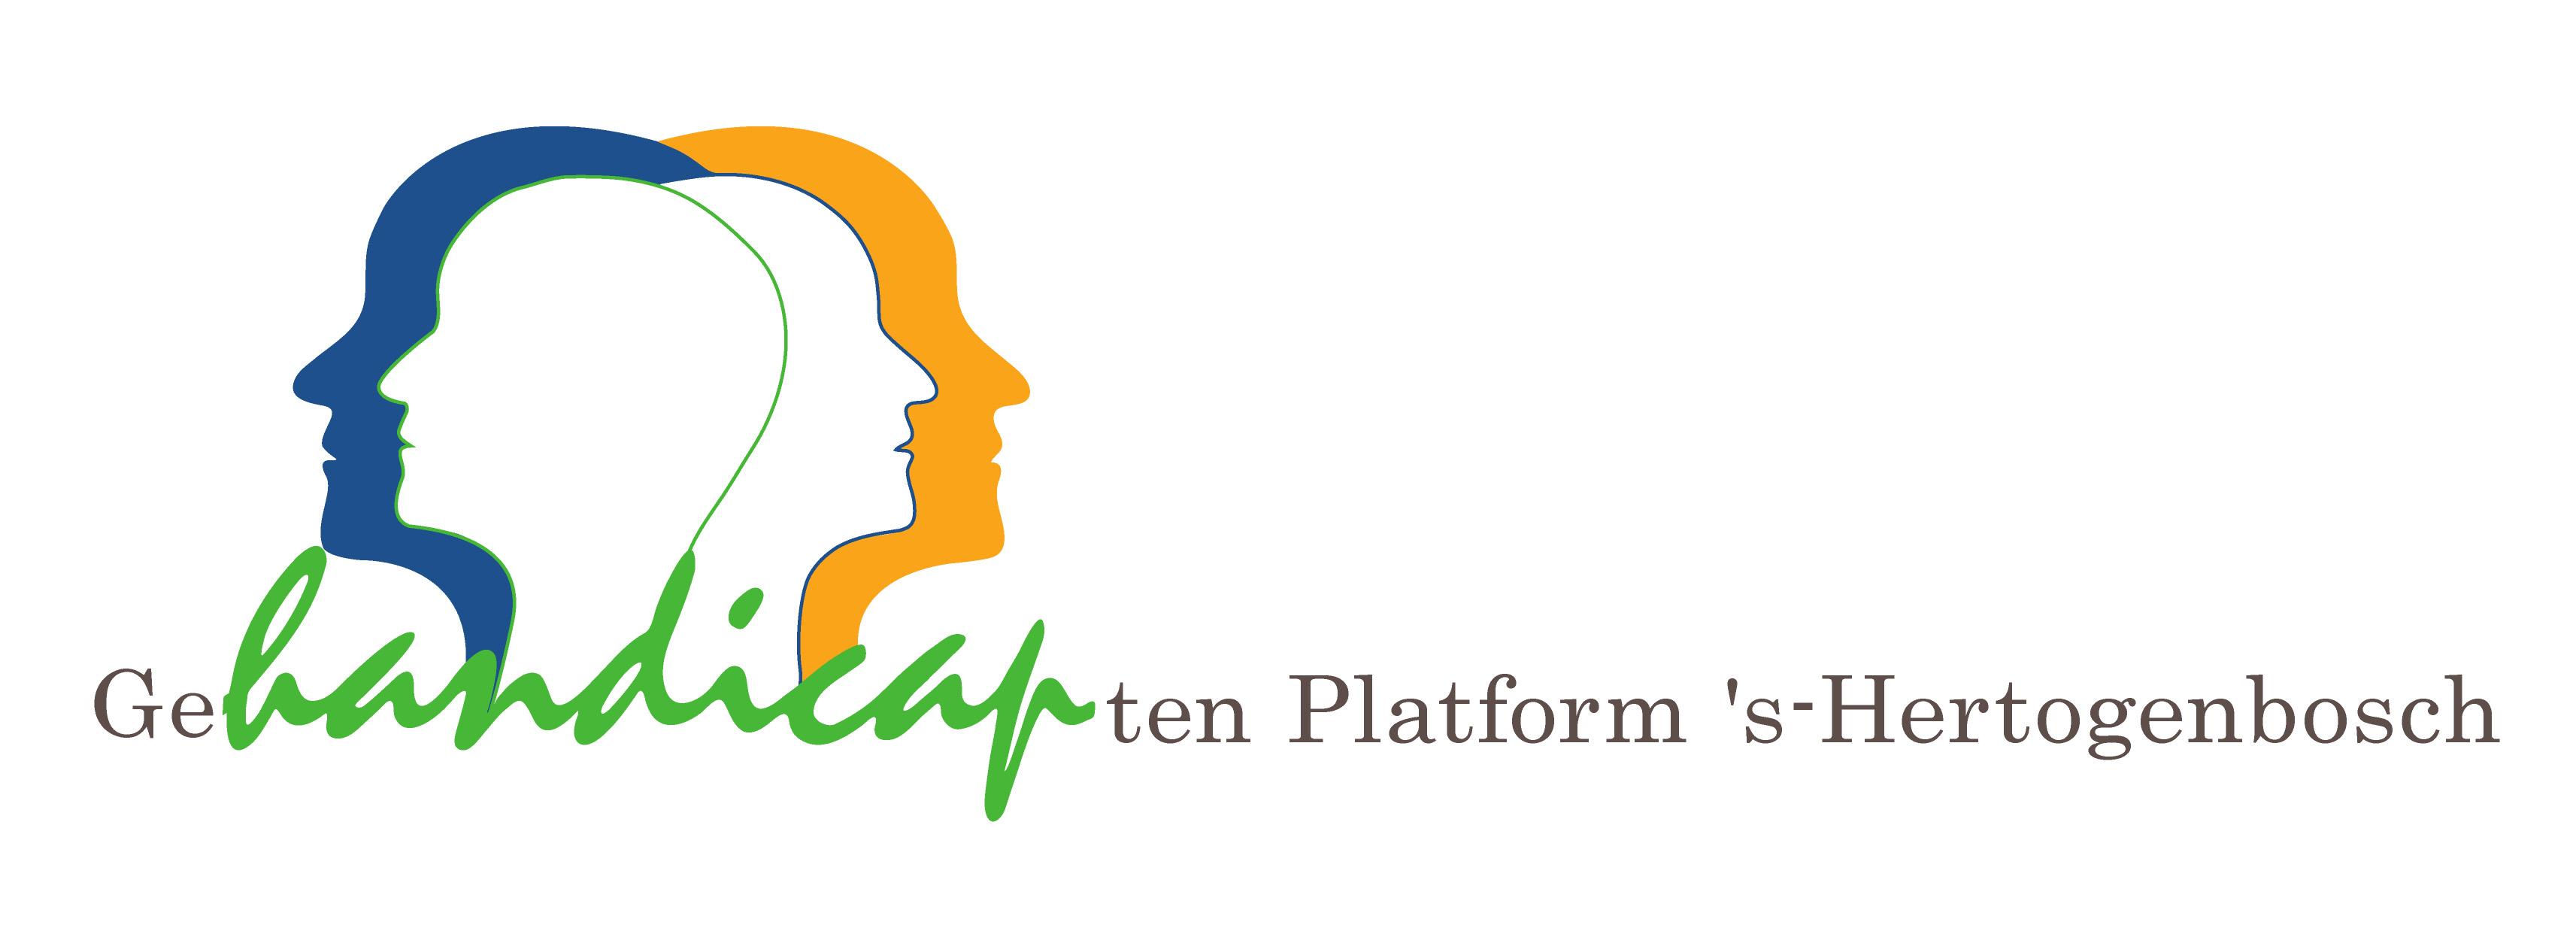 Gehandicapten Platform 's-Hertogenbosch